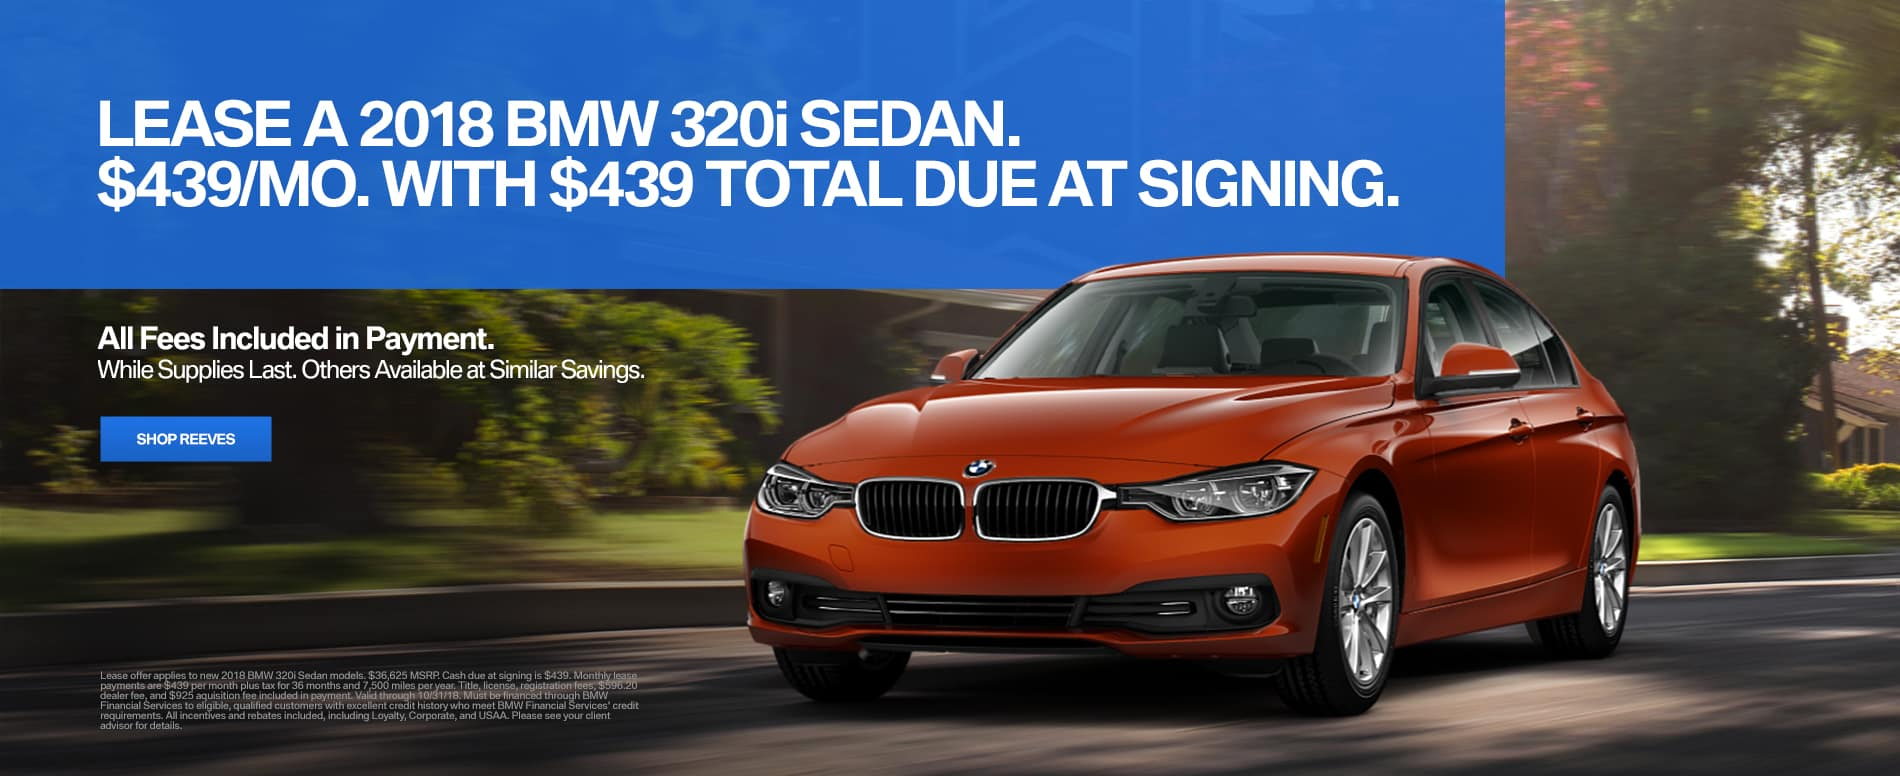 BMW 320i October Lease Offer